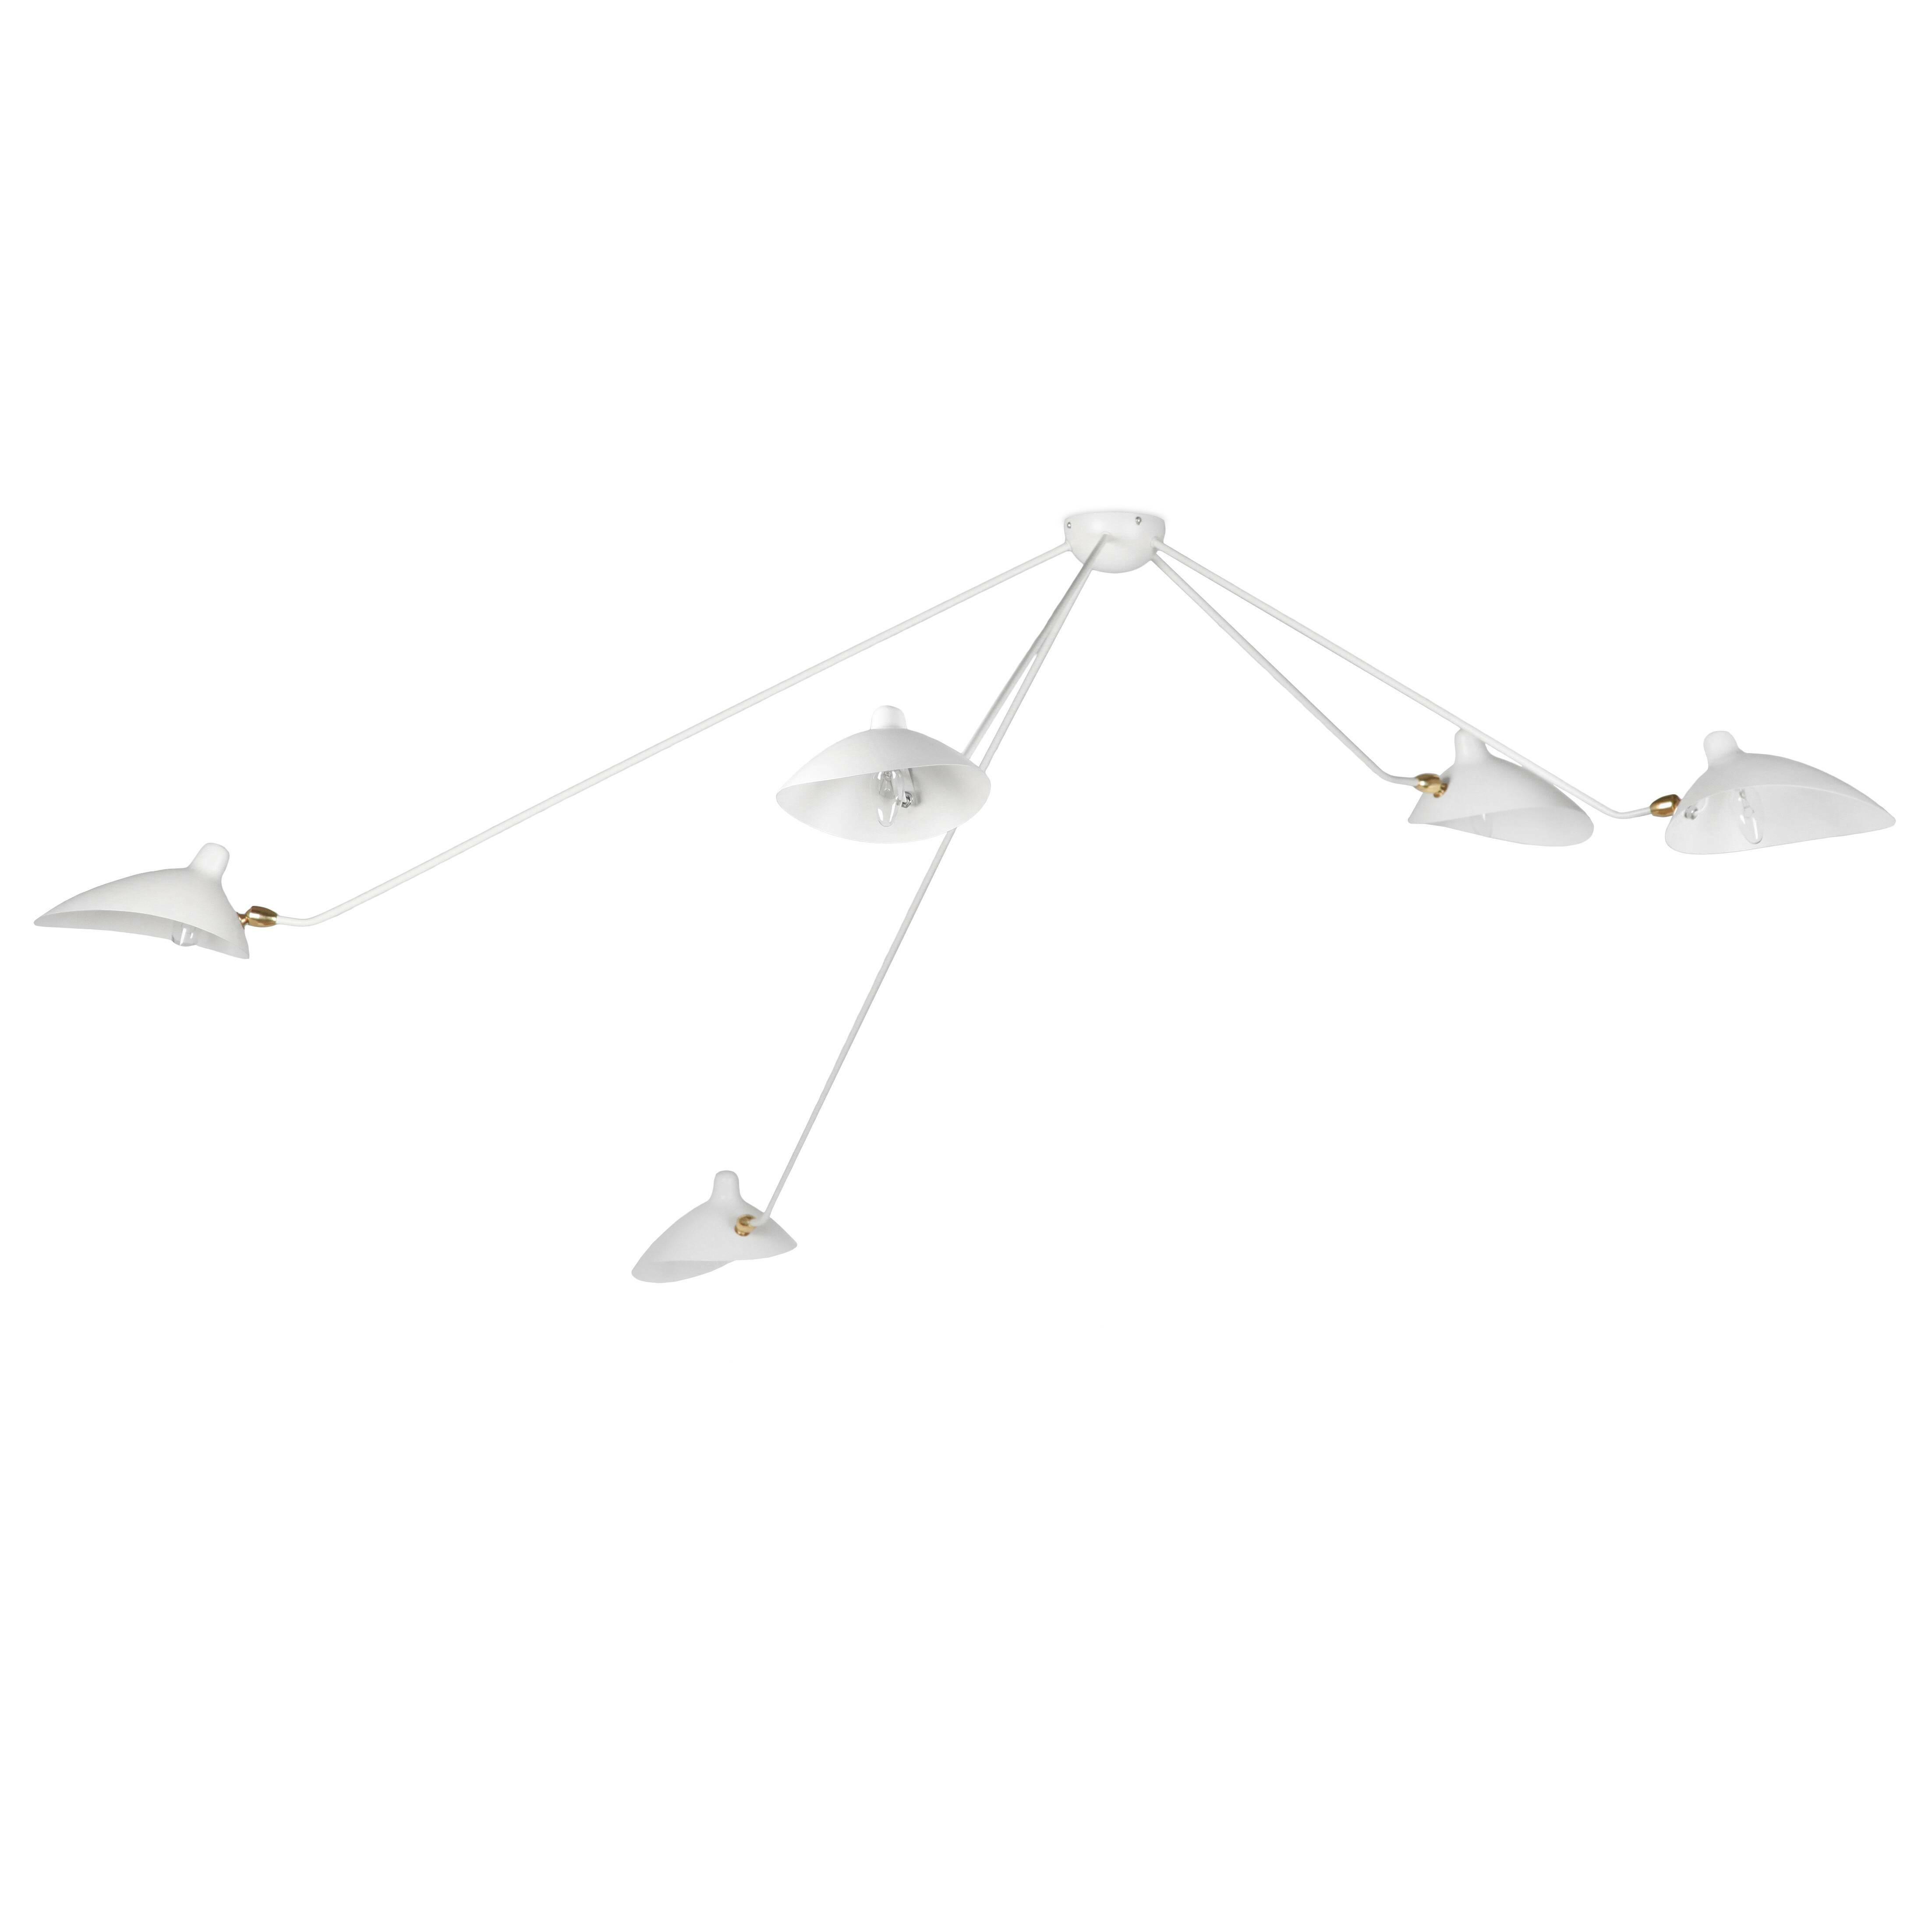 Потолочный светильник Spider 5 лампПотолочные<br>Потолочный светильник Spider 5 ламп — это большая модель потолочного светильника, созданного в 1953 году французским промышленным дизайнером Сержем Муем.<br><br><br> Серж Муй — один из самых известных и титулованных дизайнеров своего времени. Спустя два года после создания этого светильника он стал членом Общества художников и Французского национального художественного общества, завоевал множество наград, а сейчас его работы выставляются в галерее Стефа Симона в Париже. Коллекция, к которой при...<br><br>stock: 1<br>Высота: 85<br>Длина: 258<br>Количество ламп: 5<br>Материал абажура: Металл<br>Материал арматуры: Сталь<br>Мощность лампы: 60<br>Ламп в комплекте: Нет<br>Напряжение: 220-240<br>Тип лампы/цоколь: E14<br>Цвет абажура: Белый<br>Цвет арматуры: Белый